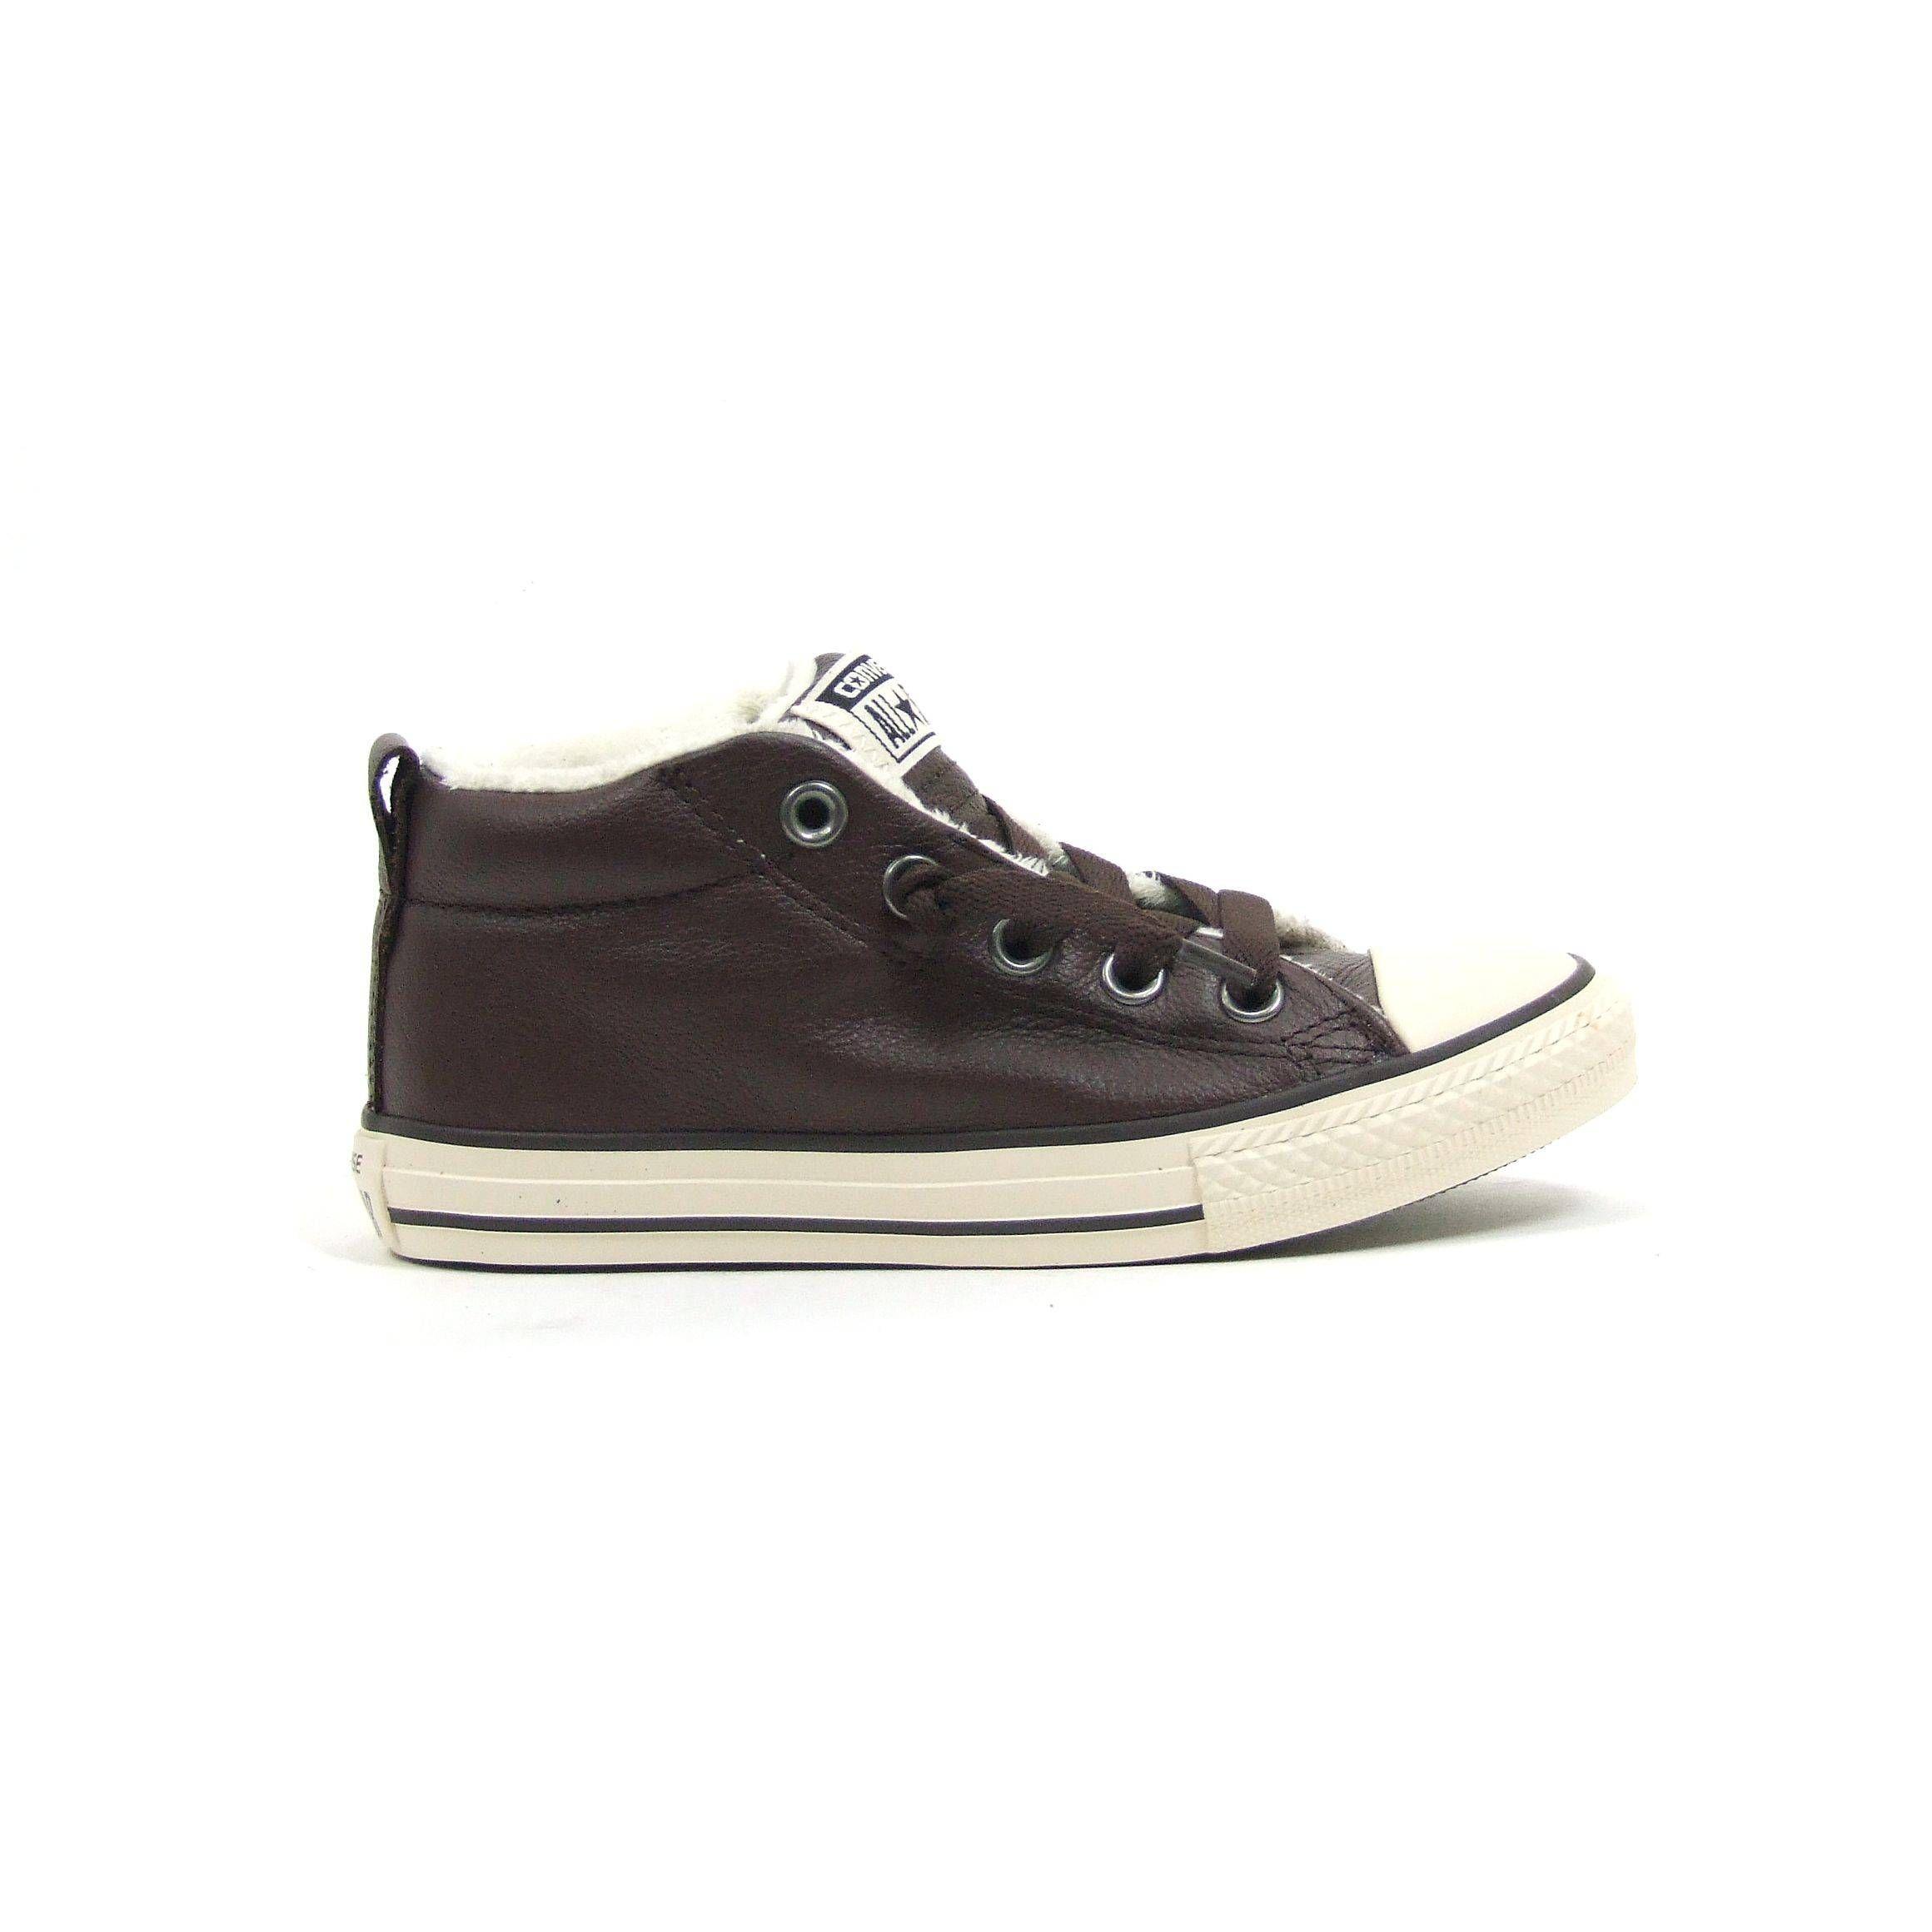 3e99403a92c Veter sneakers van Converse All Stars, model 134478! Helemaal goed zijn  deze halfhoge sneakers en nog lekker warm ook want d… | CONVERSE / ALL STARS !